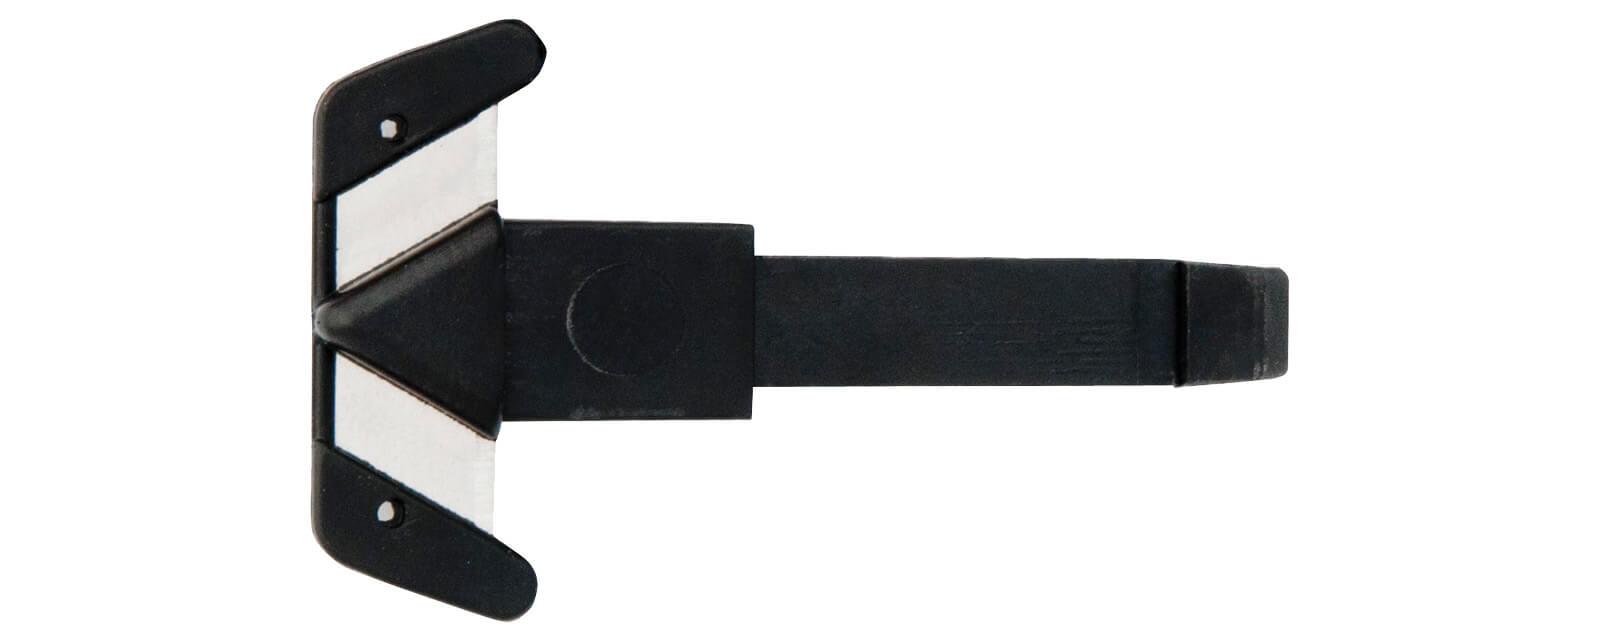 K001-Ersatzklinge-für-Klever-XChange-Standard-Doppelkopf-CURT-tools_1600